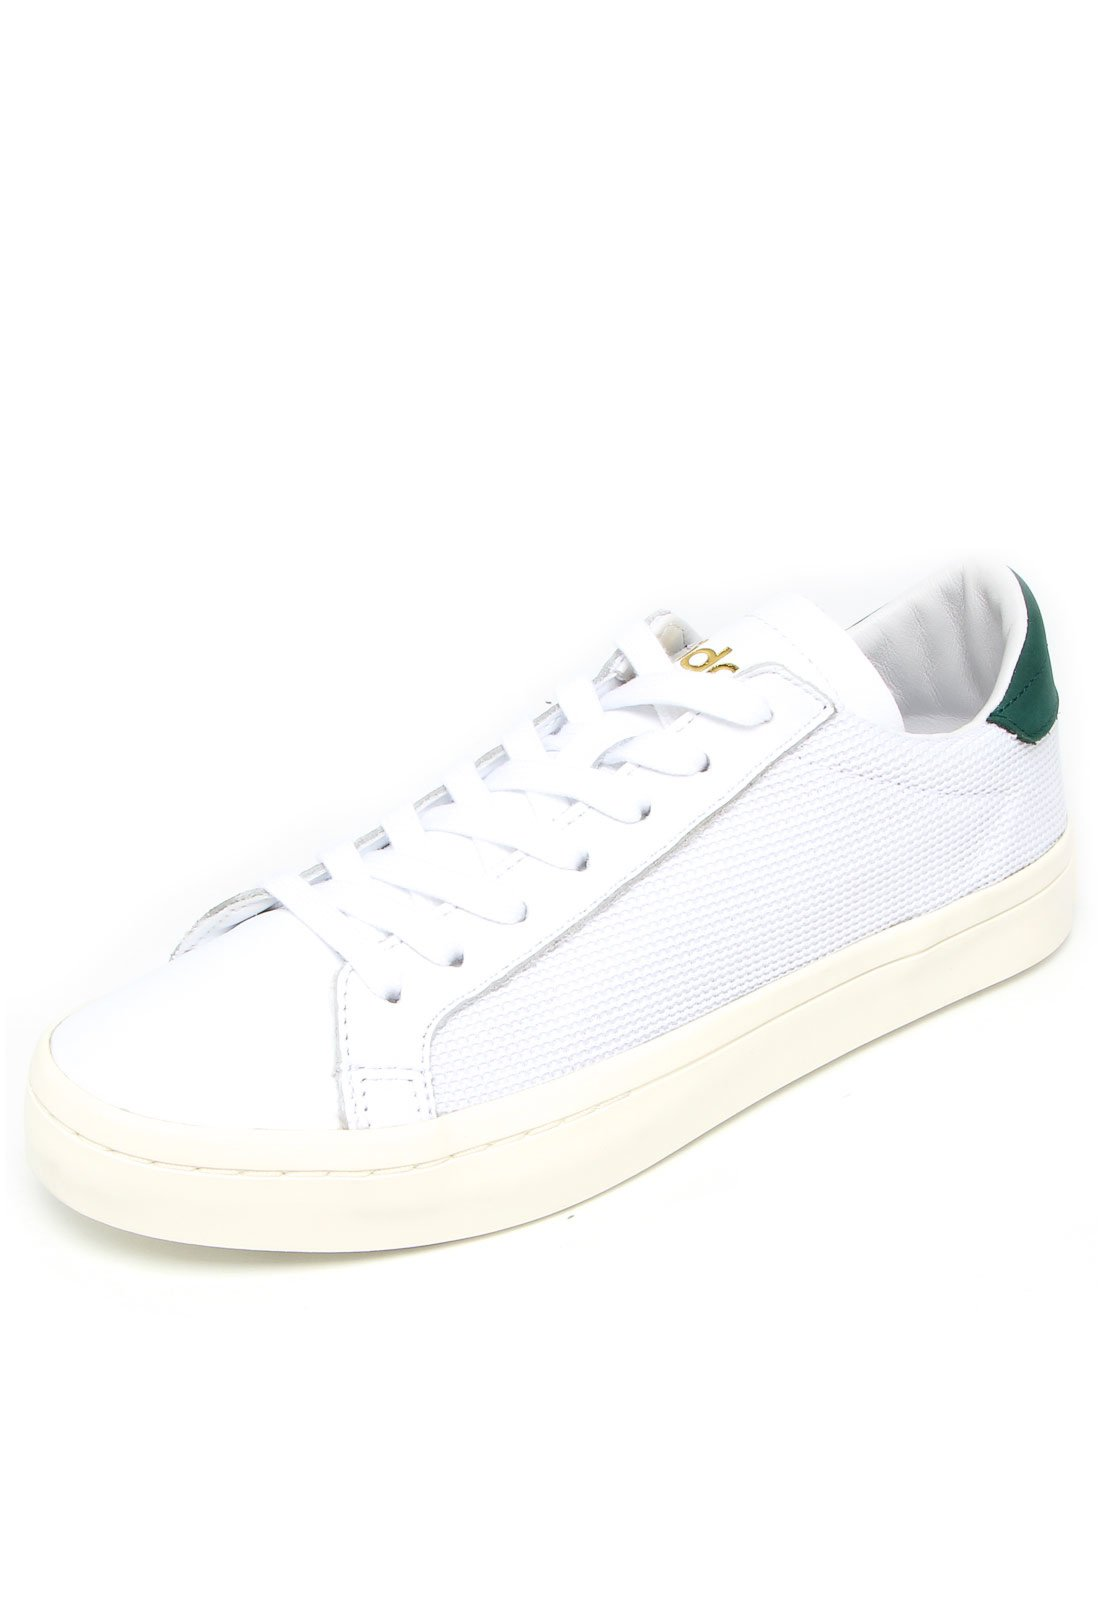 d5d9fc781c2 Tênis adidas Originals Courtvantage Branco Verde - Compre Agora ...